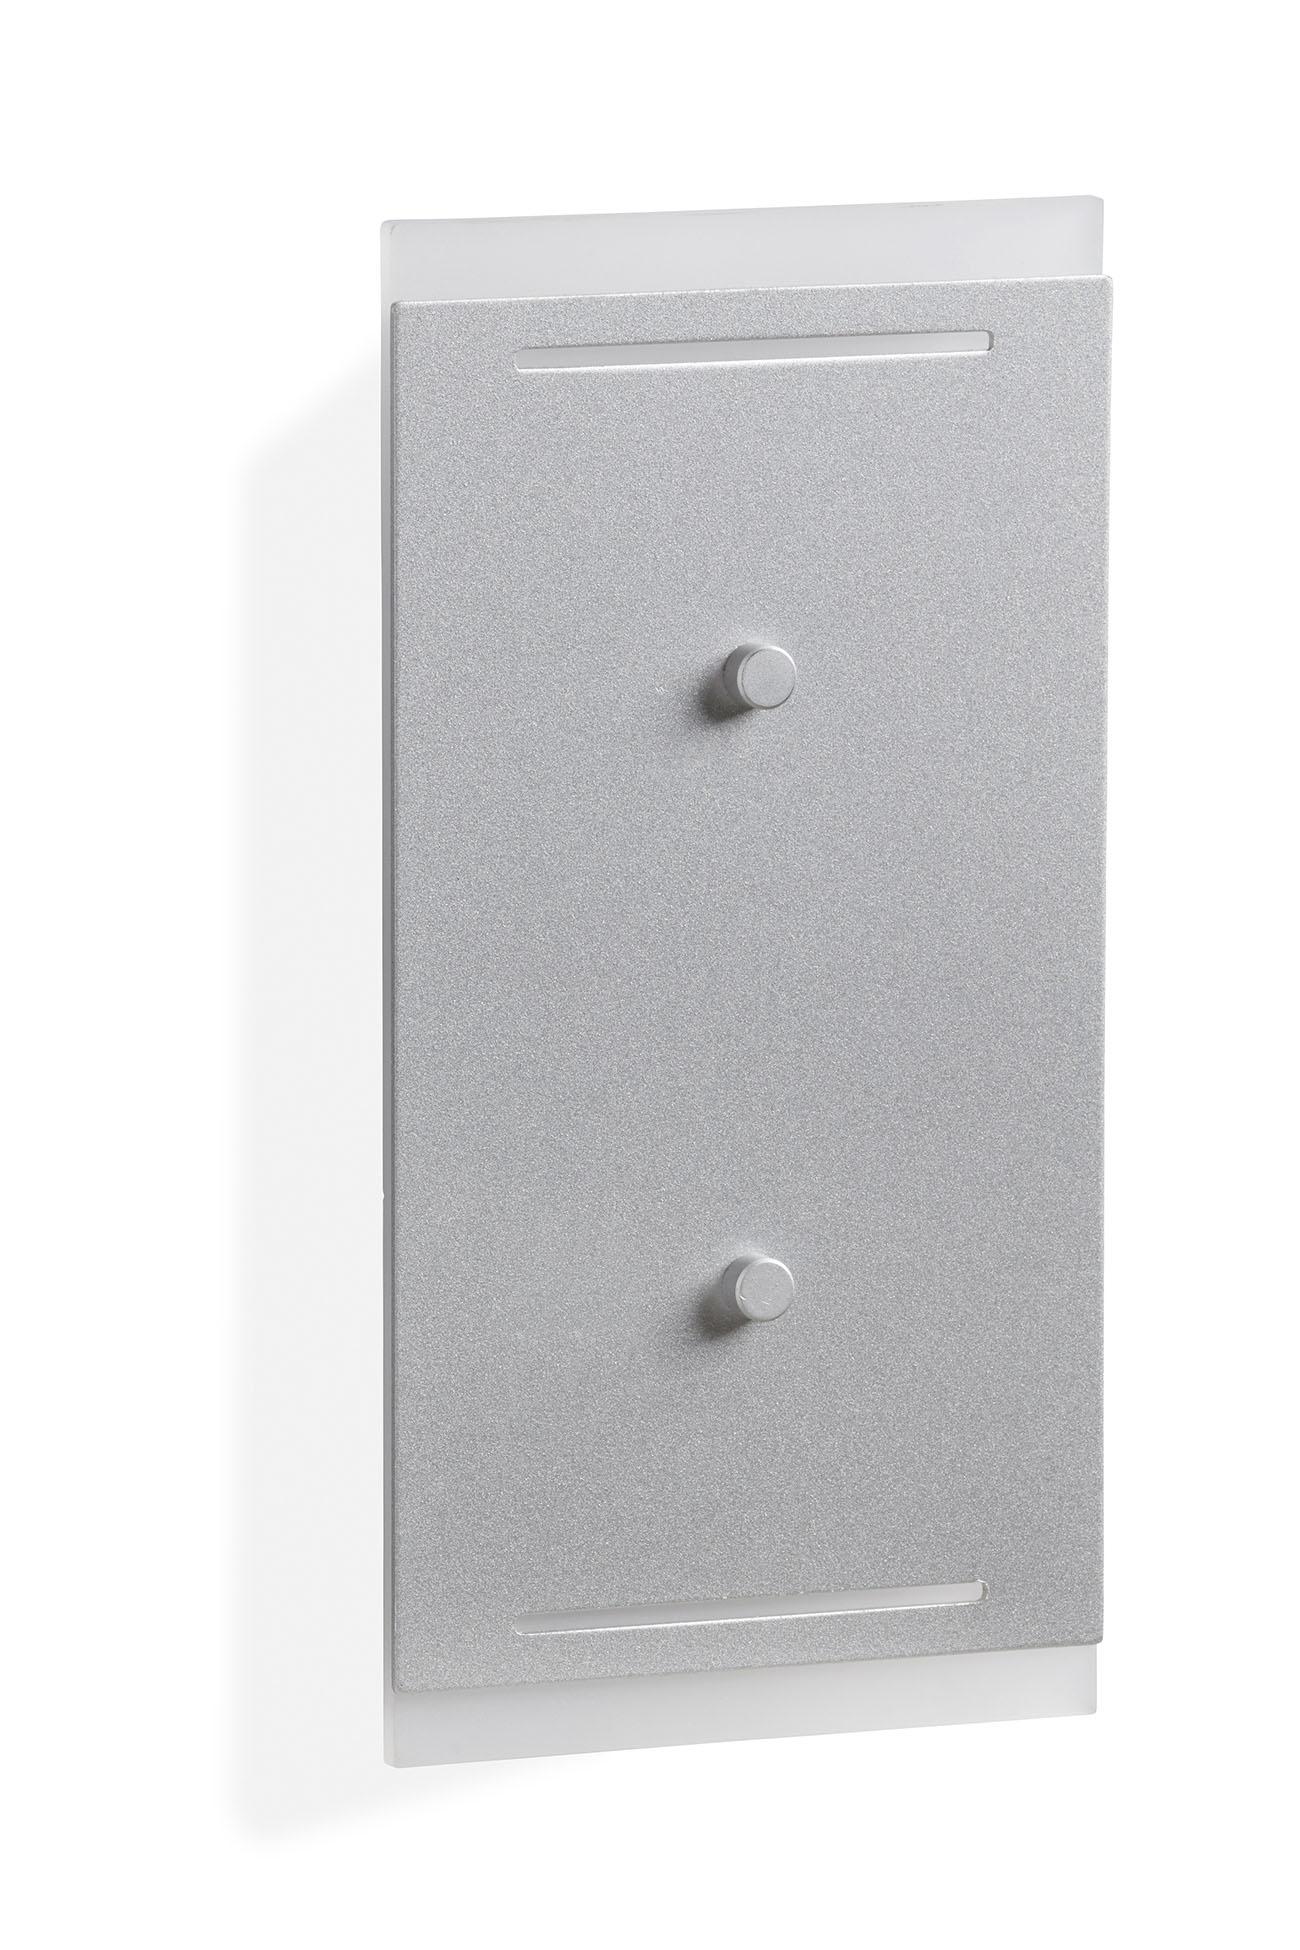 TELLEFUNKEN LED Aussenleuchte, 24 cm, 7,5 W, Silber